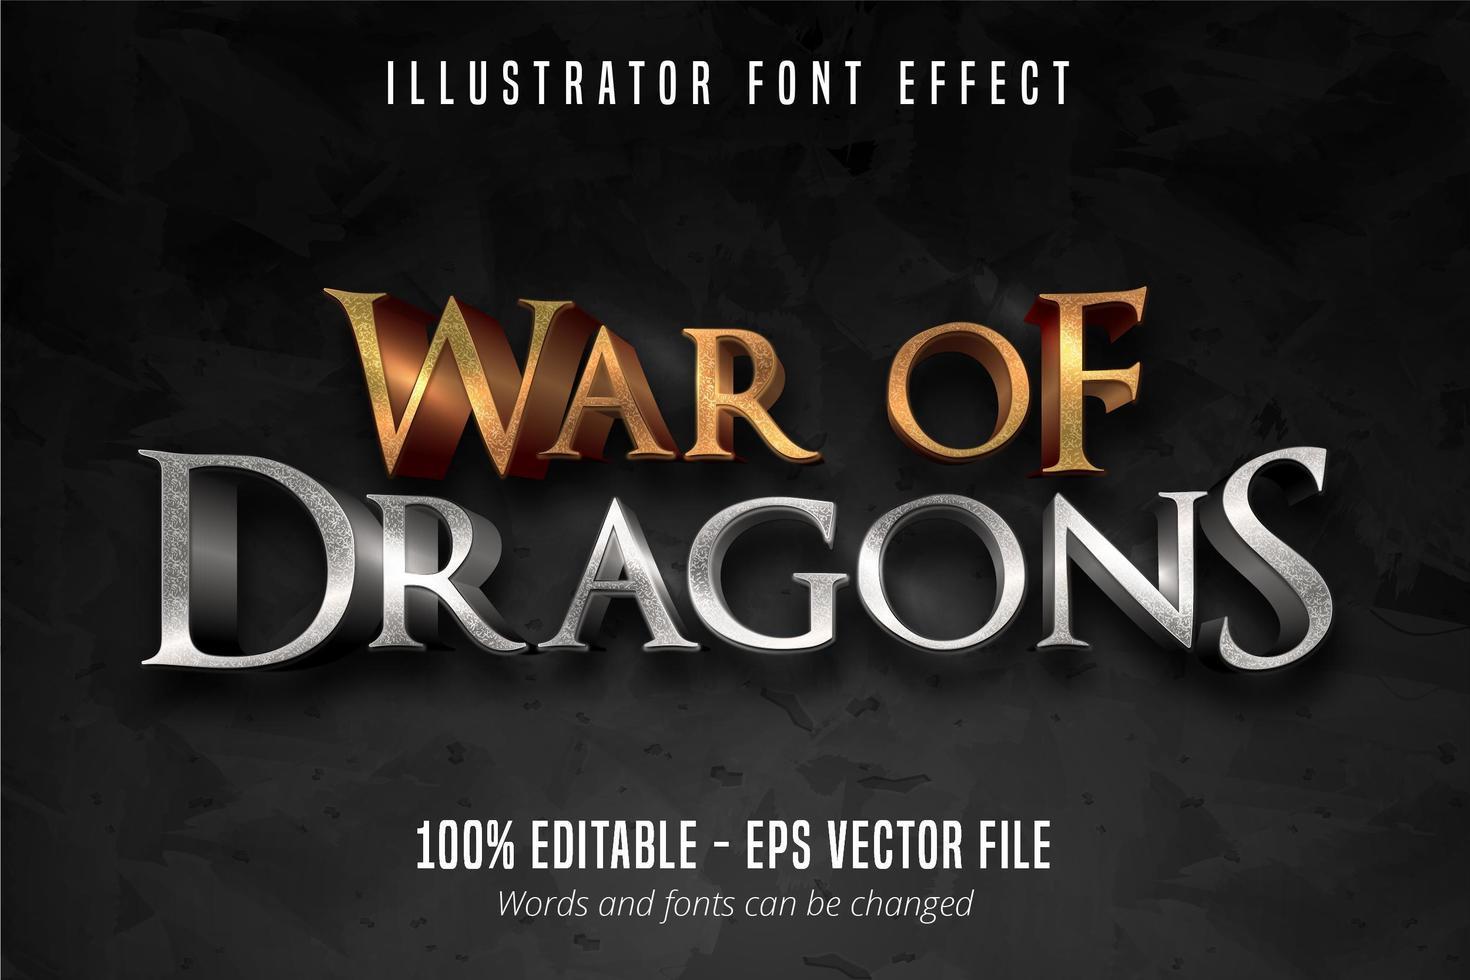 efecto de fuente de texto de guerra de dragones vector